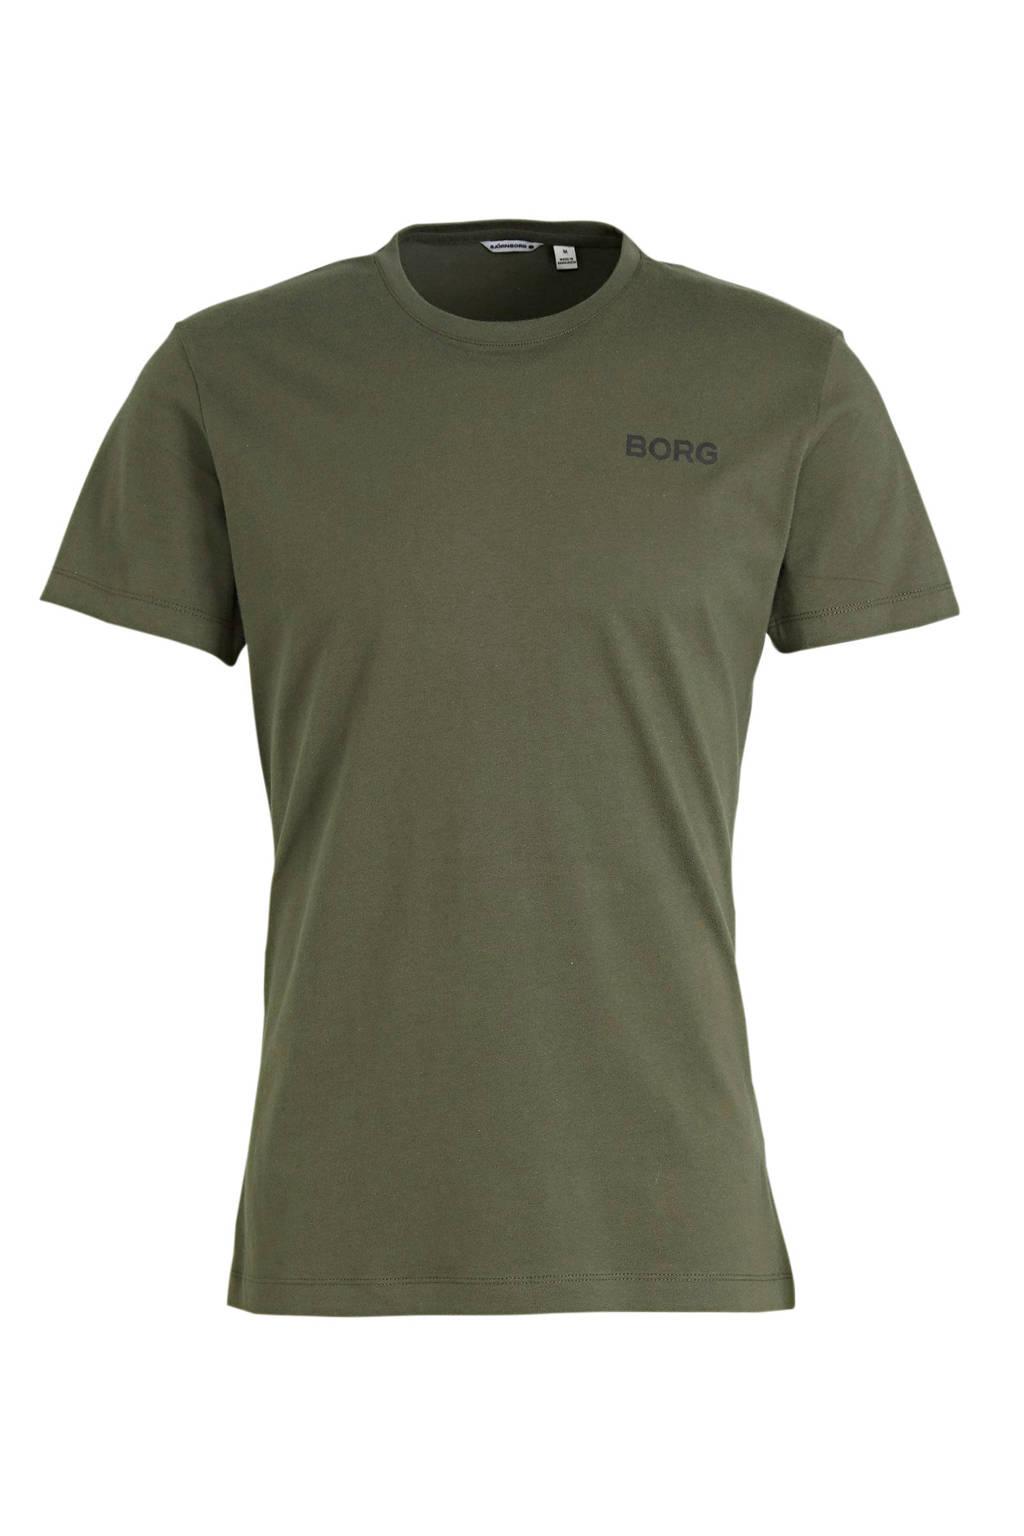 Björn Borg T-shirt groen, Groen